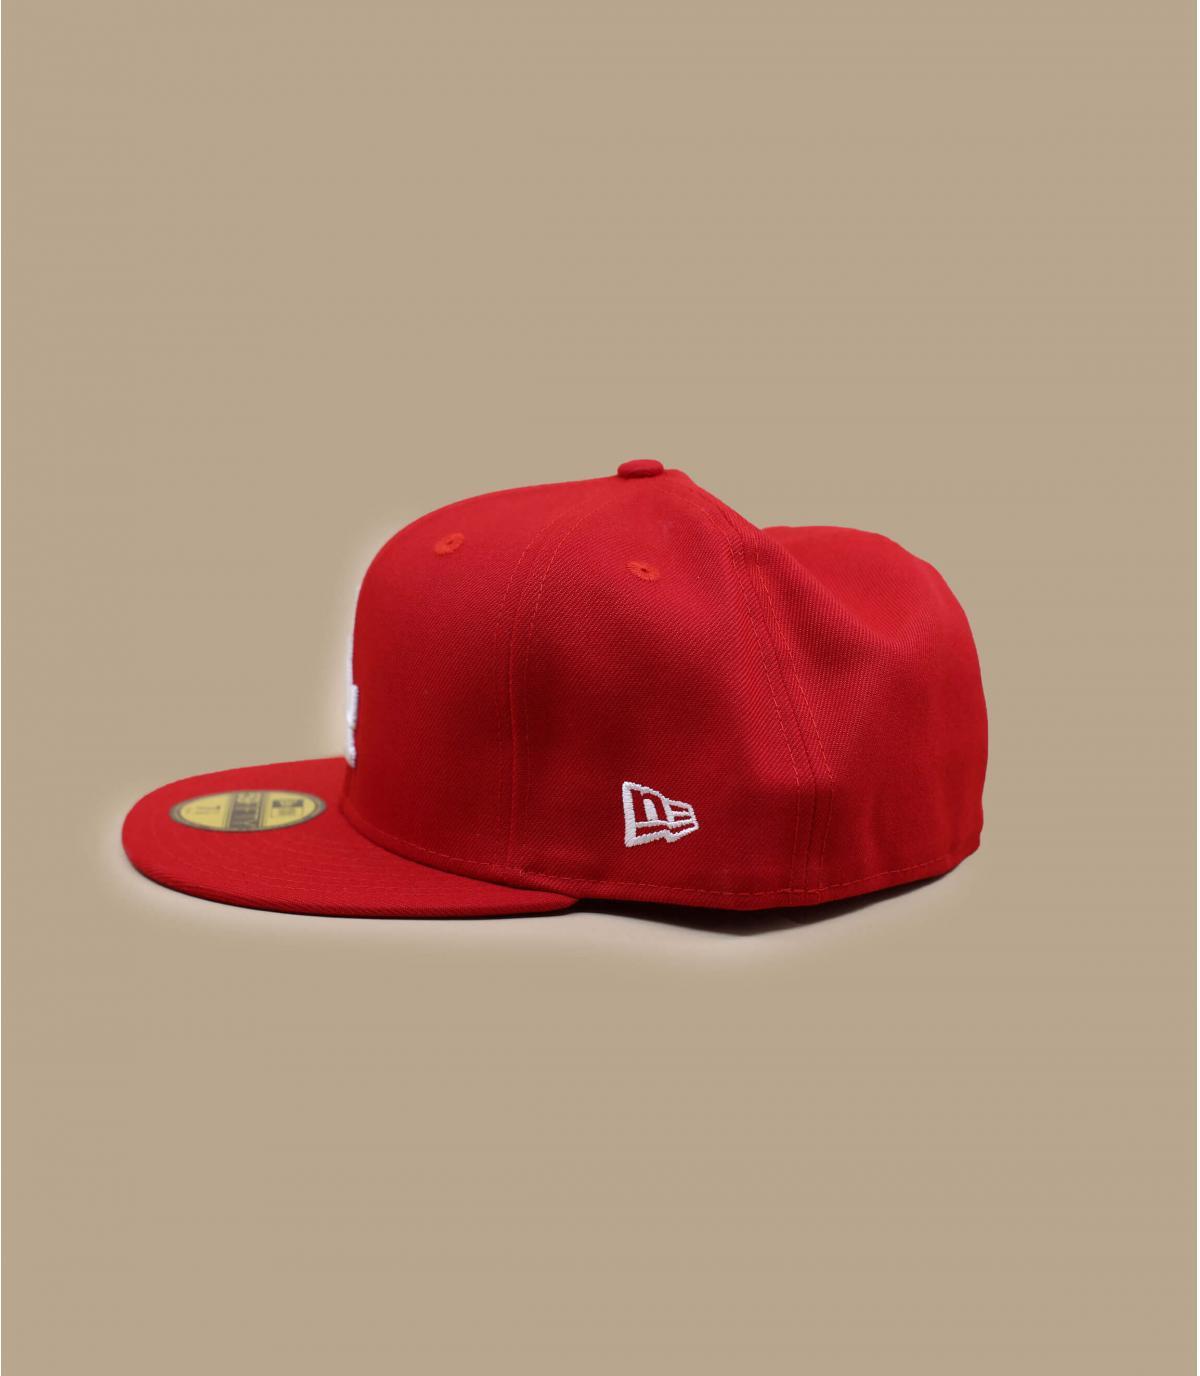 New Era - ERANOS0020_1,new-era,flat-bill-cap